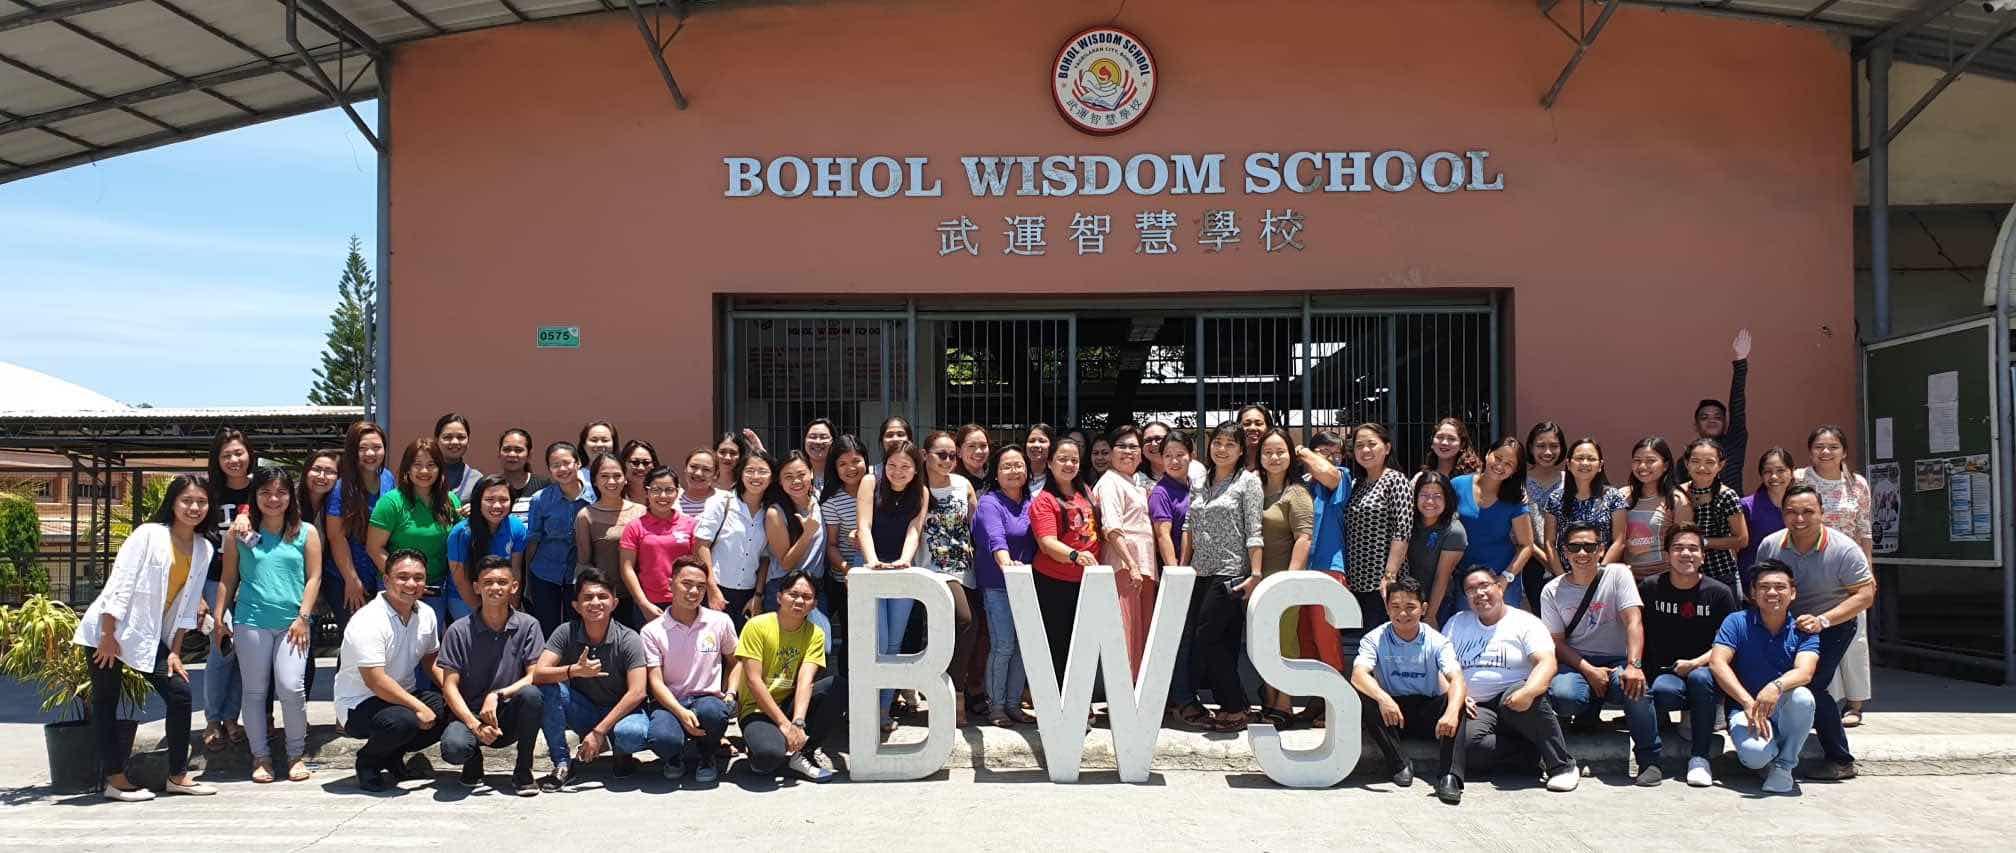 Bohol Wisdom School Zayed Sustainability